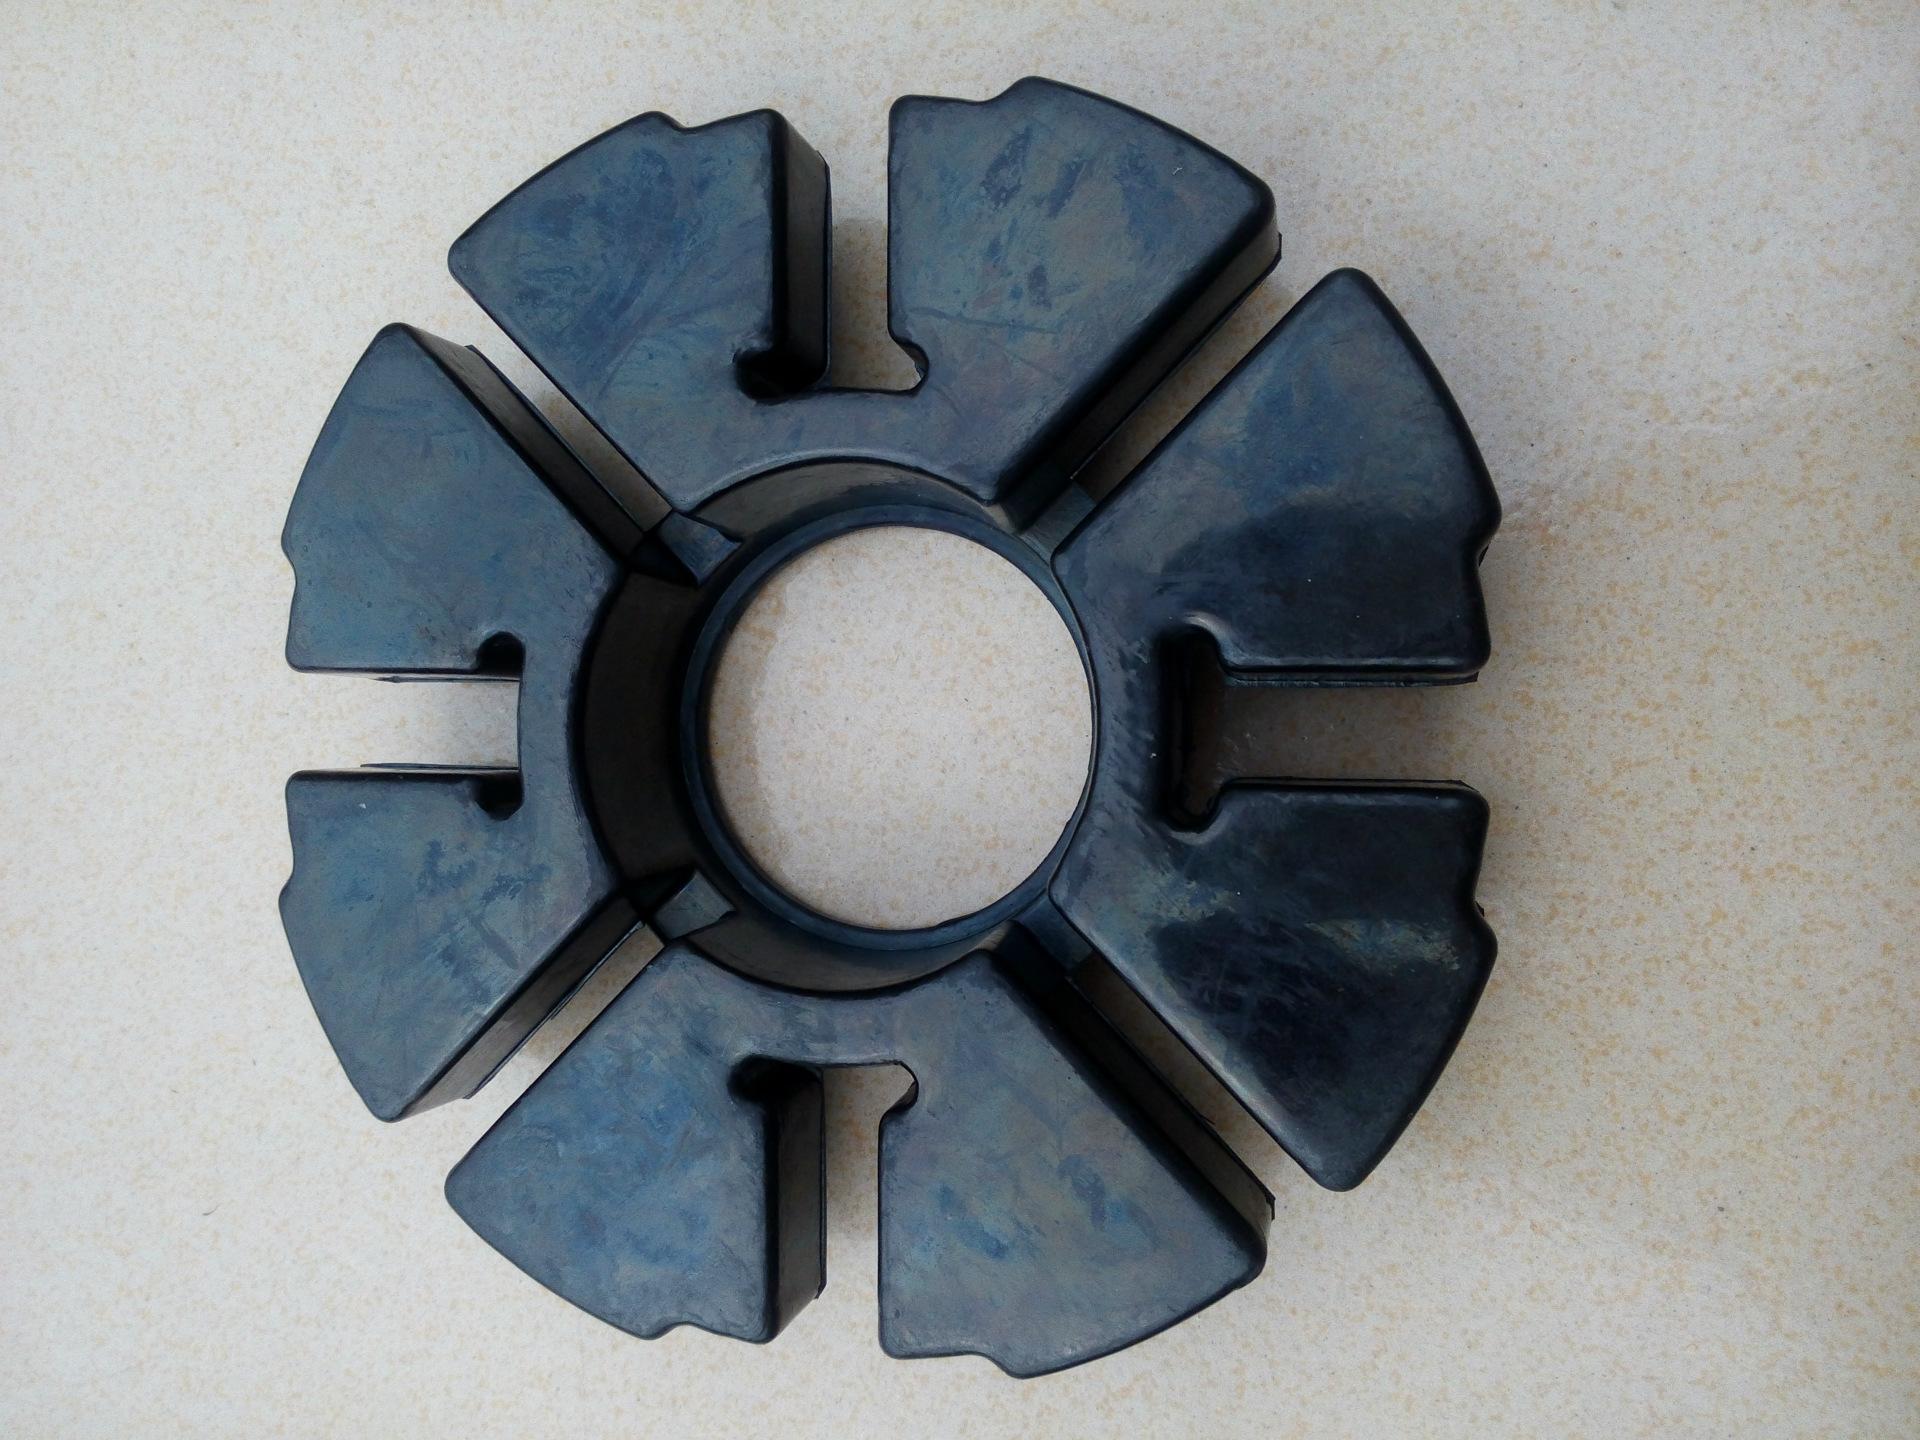 摩托车橡胶缓冲胶生产供应  ,江西洪伟橡塑